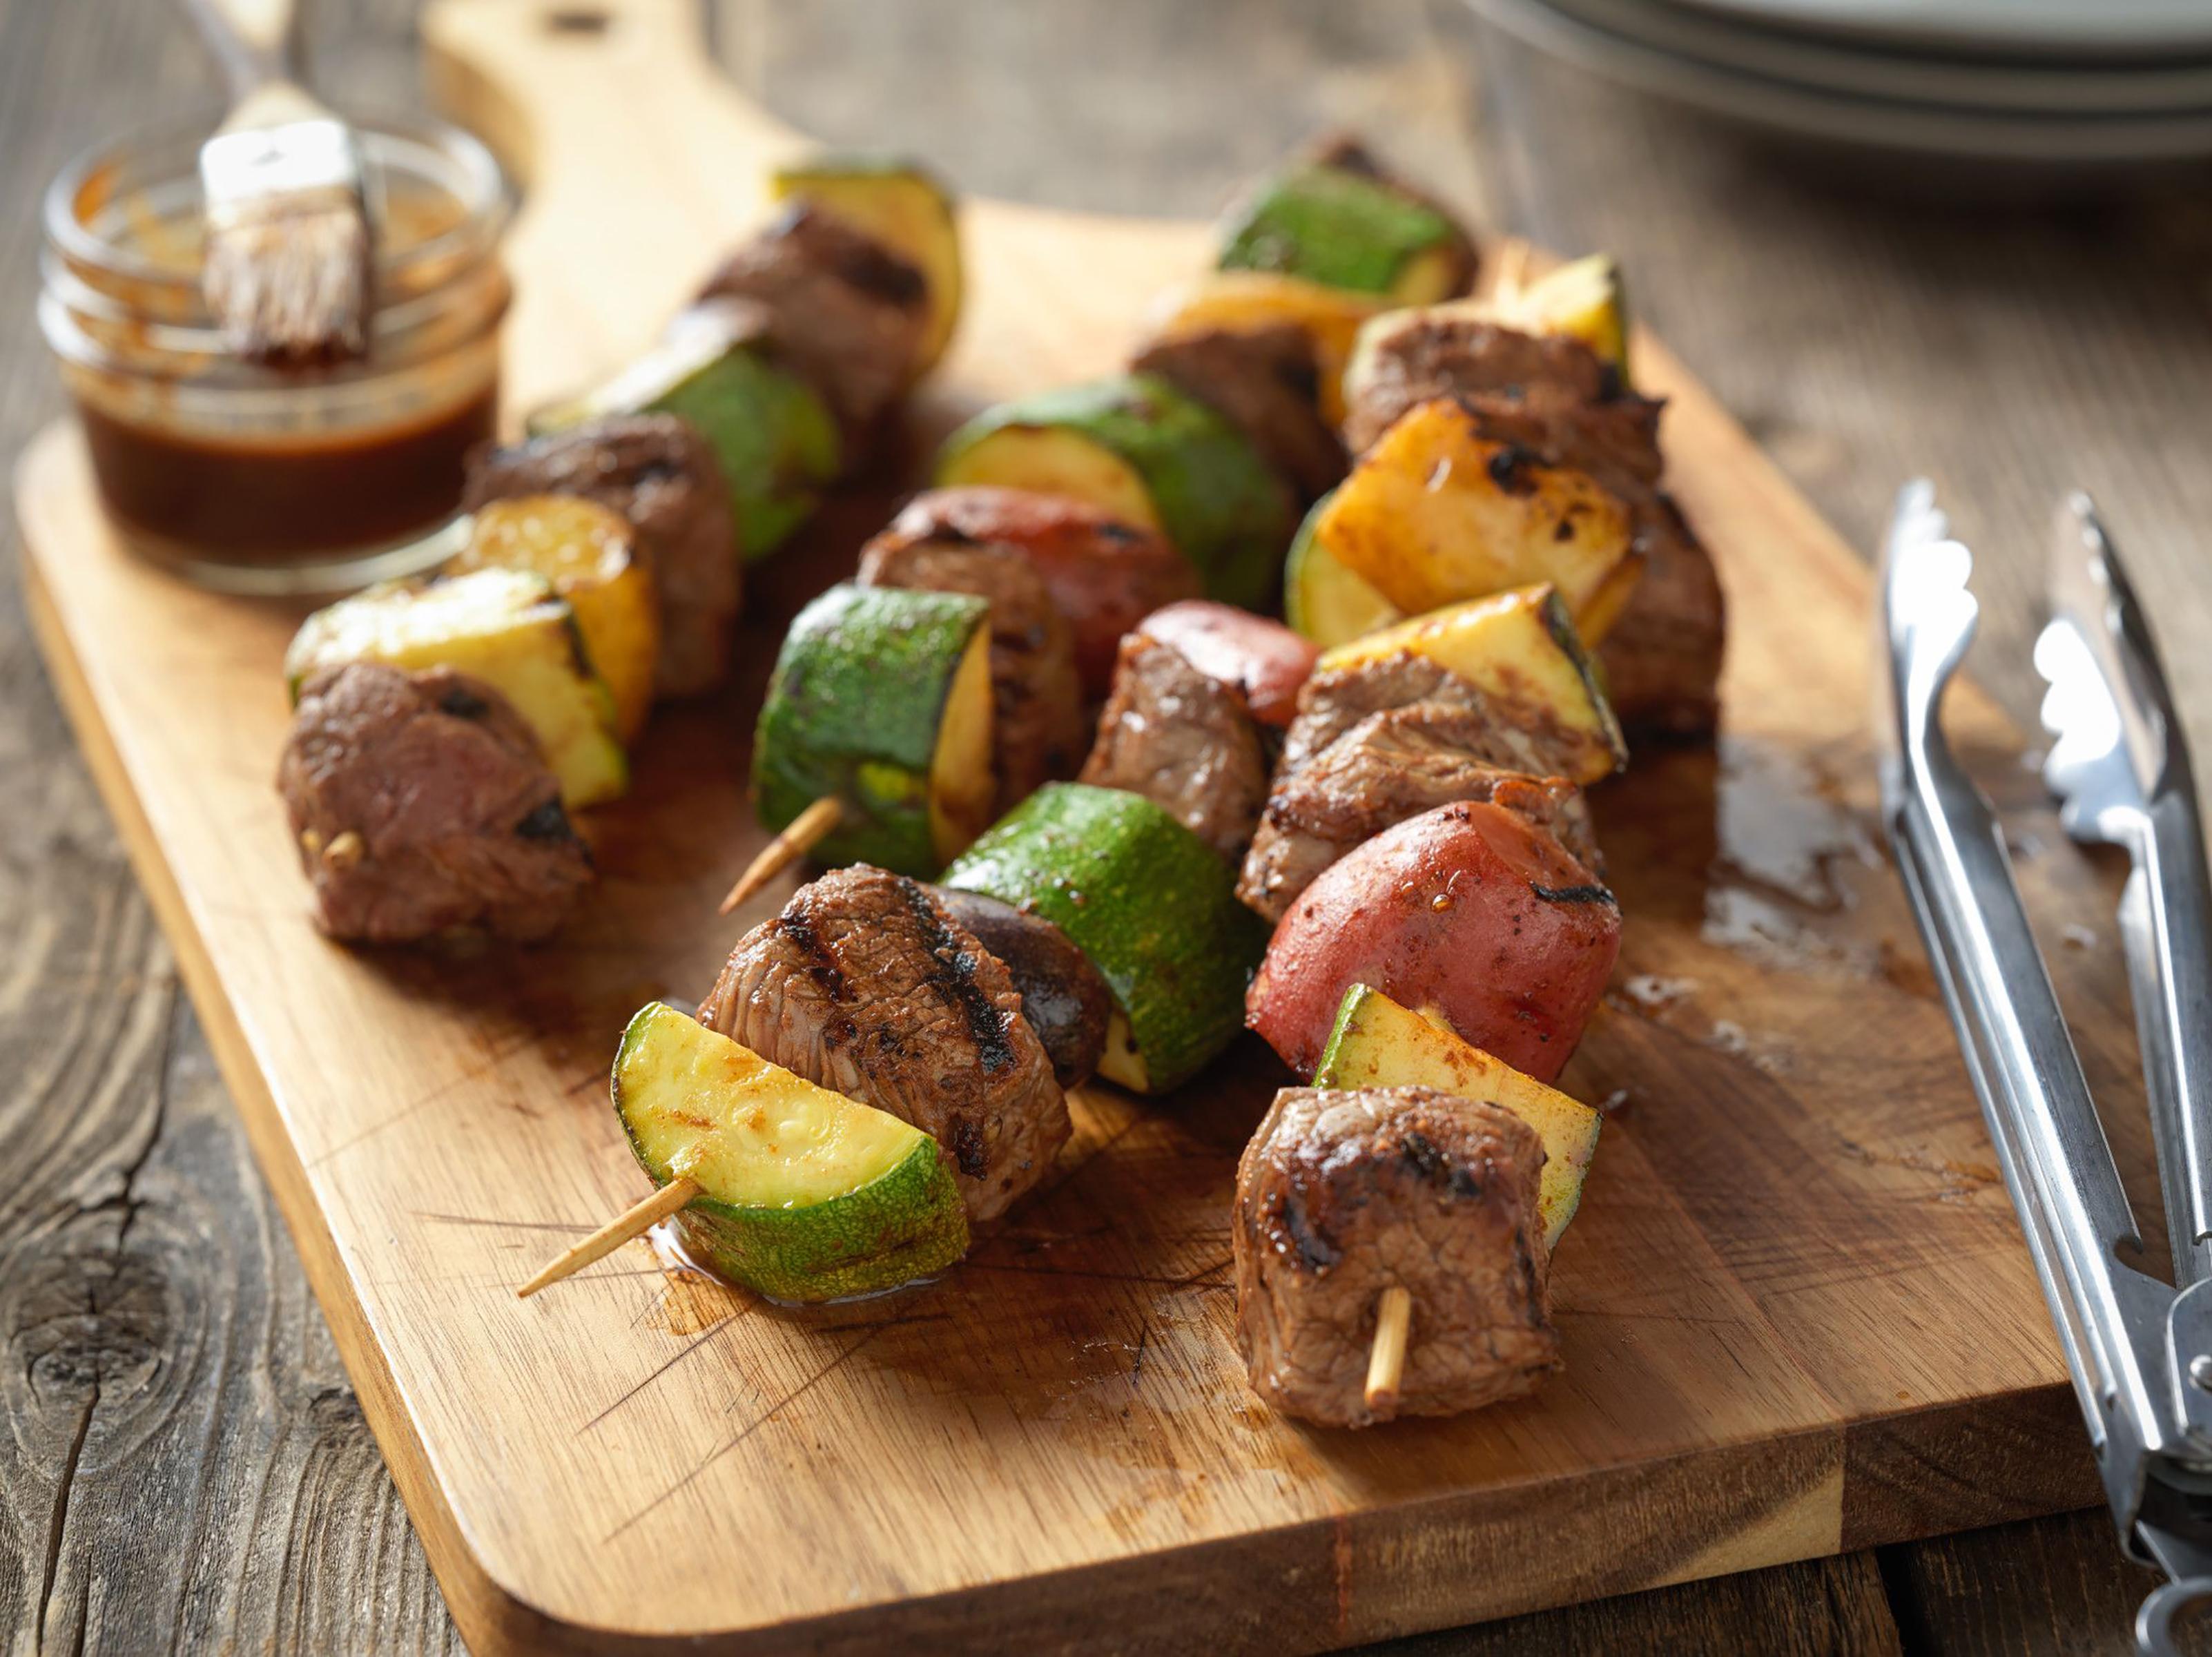 Top sirloin and potato kebabs.